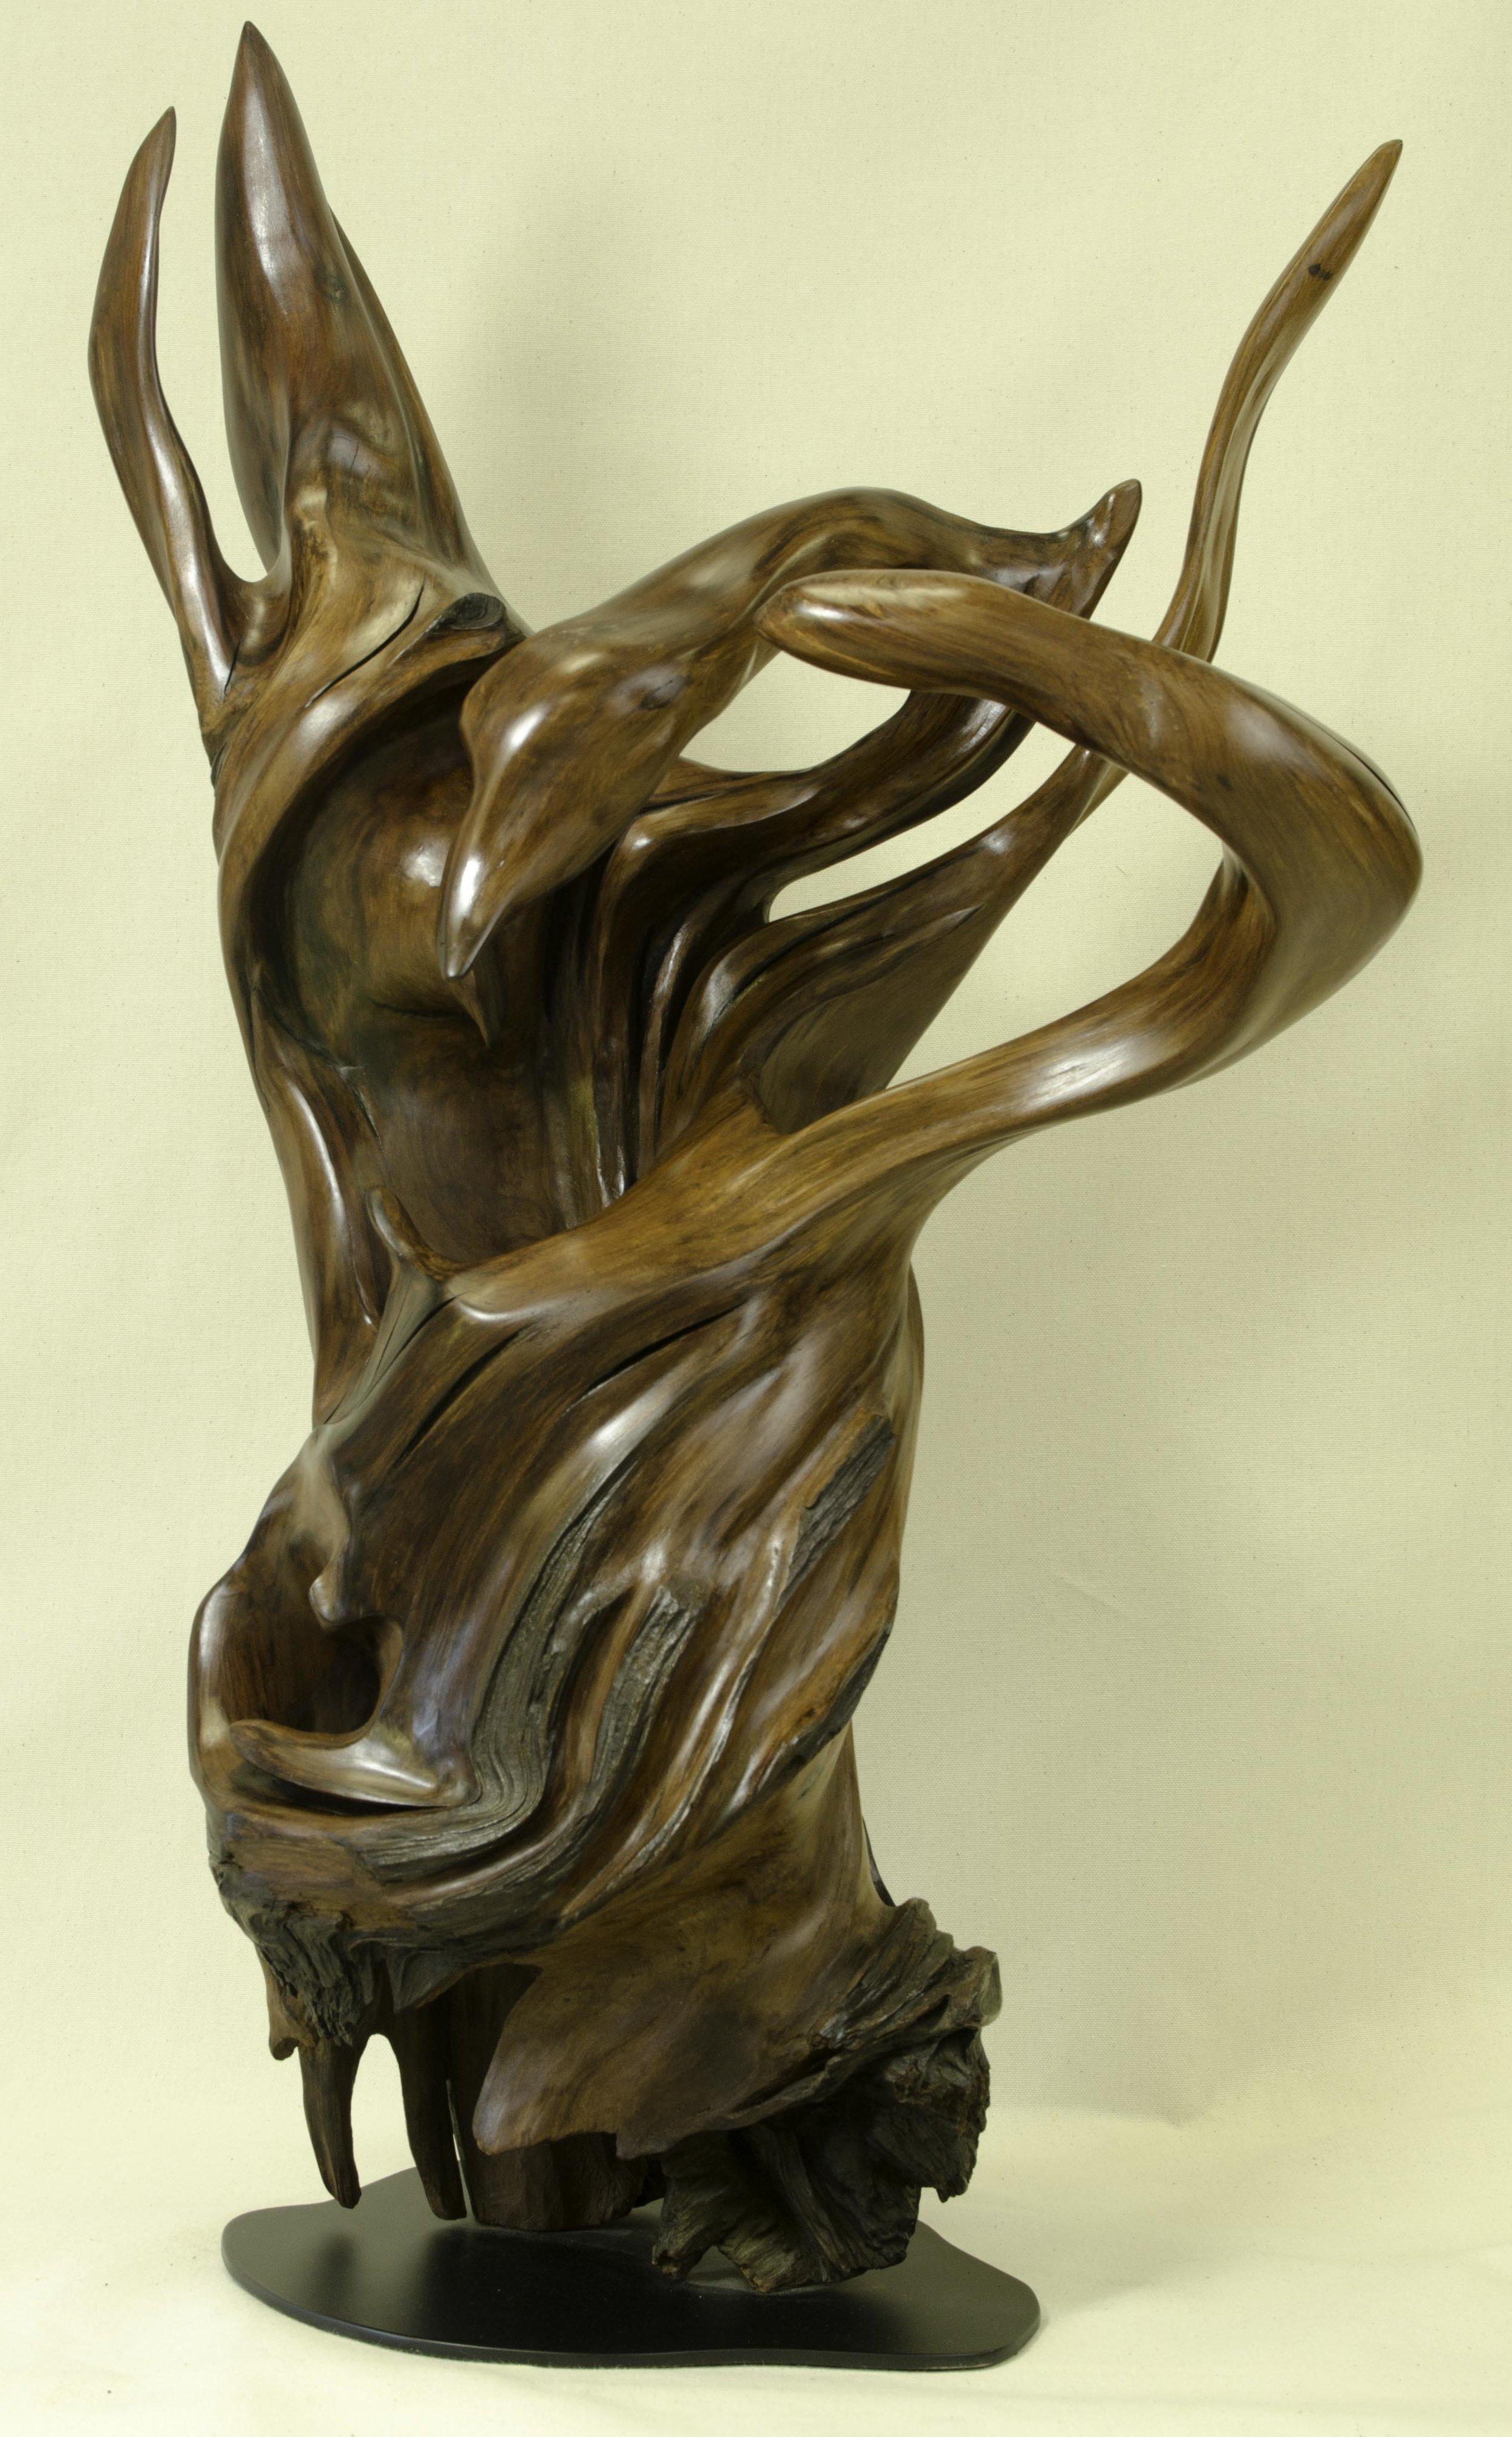 Emerging Swan by Tuttie Peetz